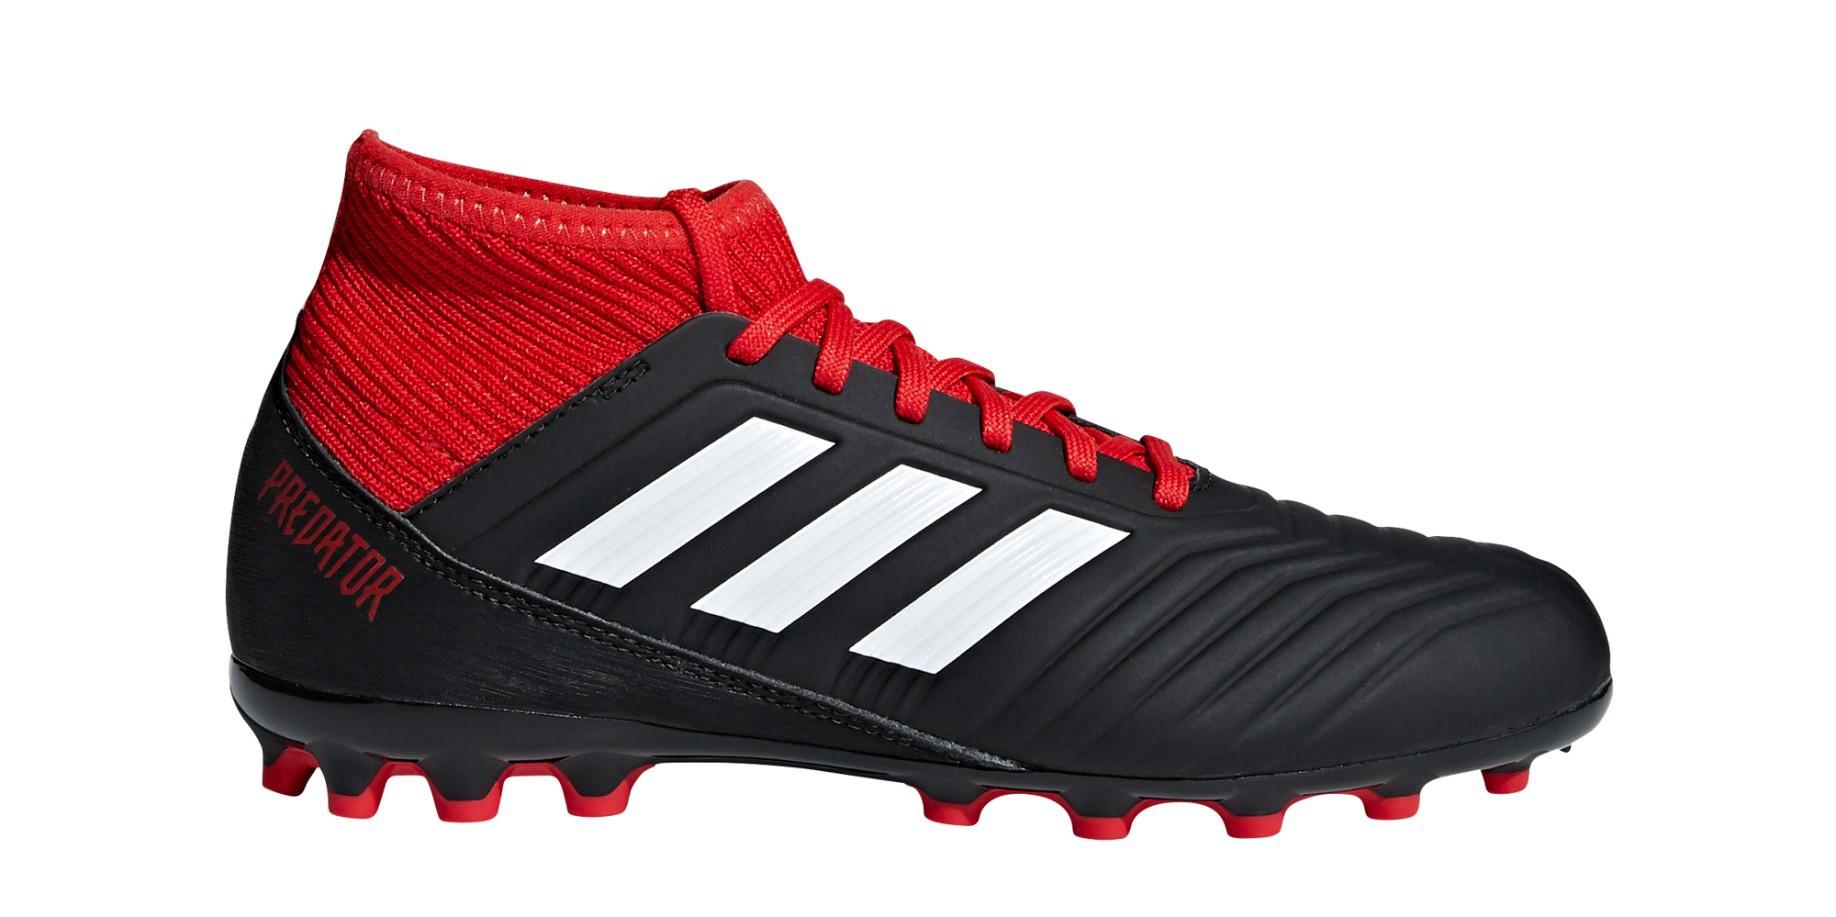 6484b502de7 Football boots Adidas Predator 18.3 AG Team Mode Pack colore Black Red -  Adidas - SportIT.com